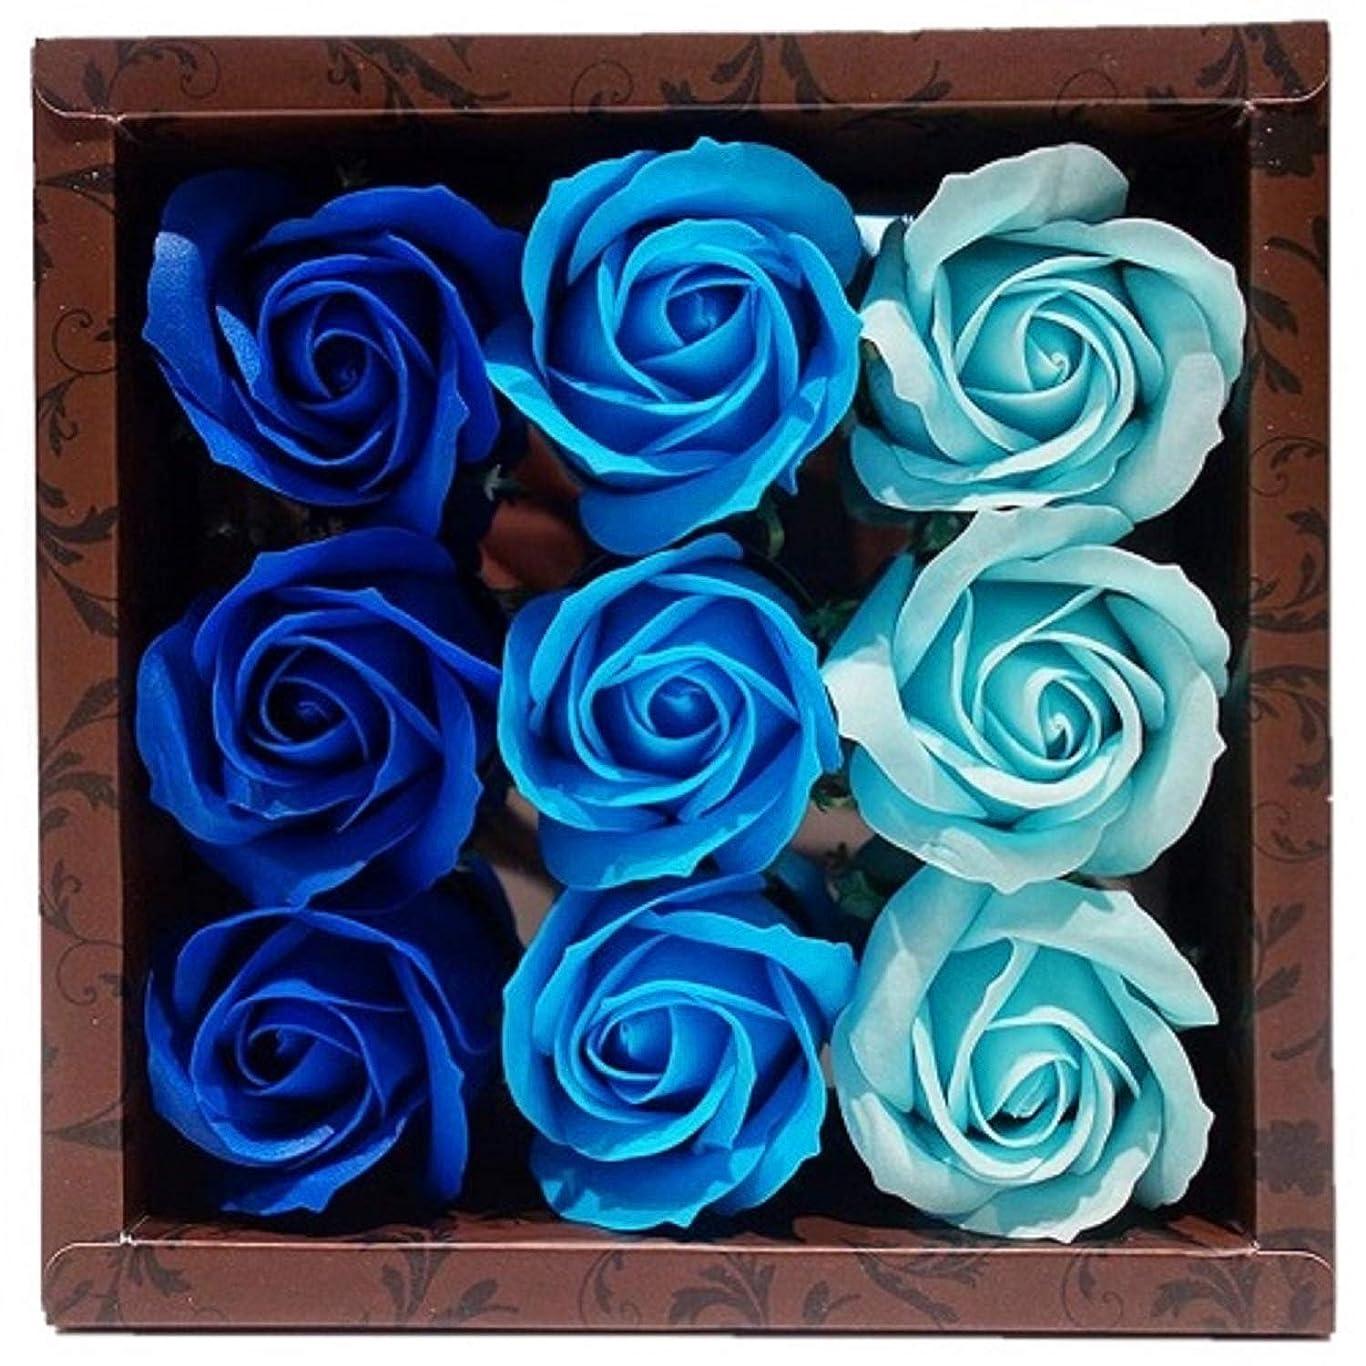 パンフレット地理研磨剤バスフレグランス バスフラワー ローズフレグランス ブルーカラー ギフト お花の形の入浴剤 ばら